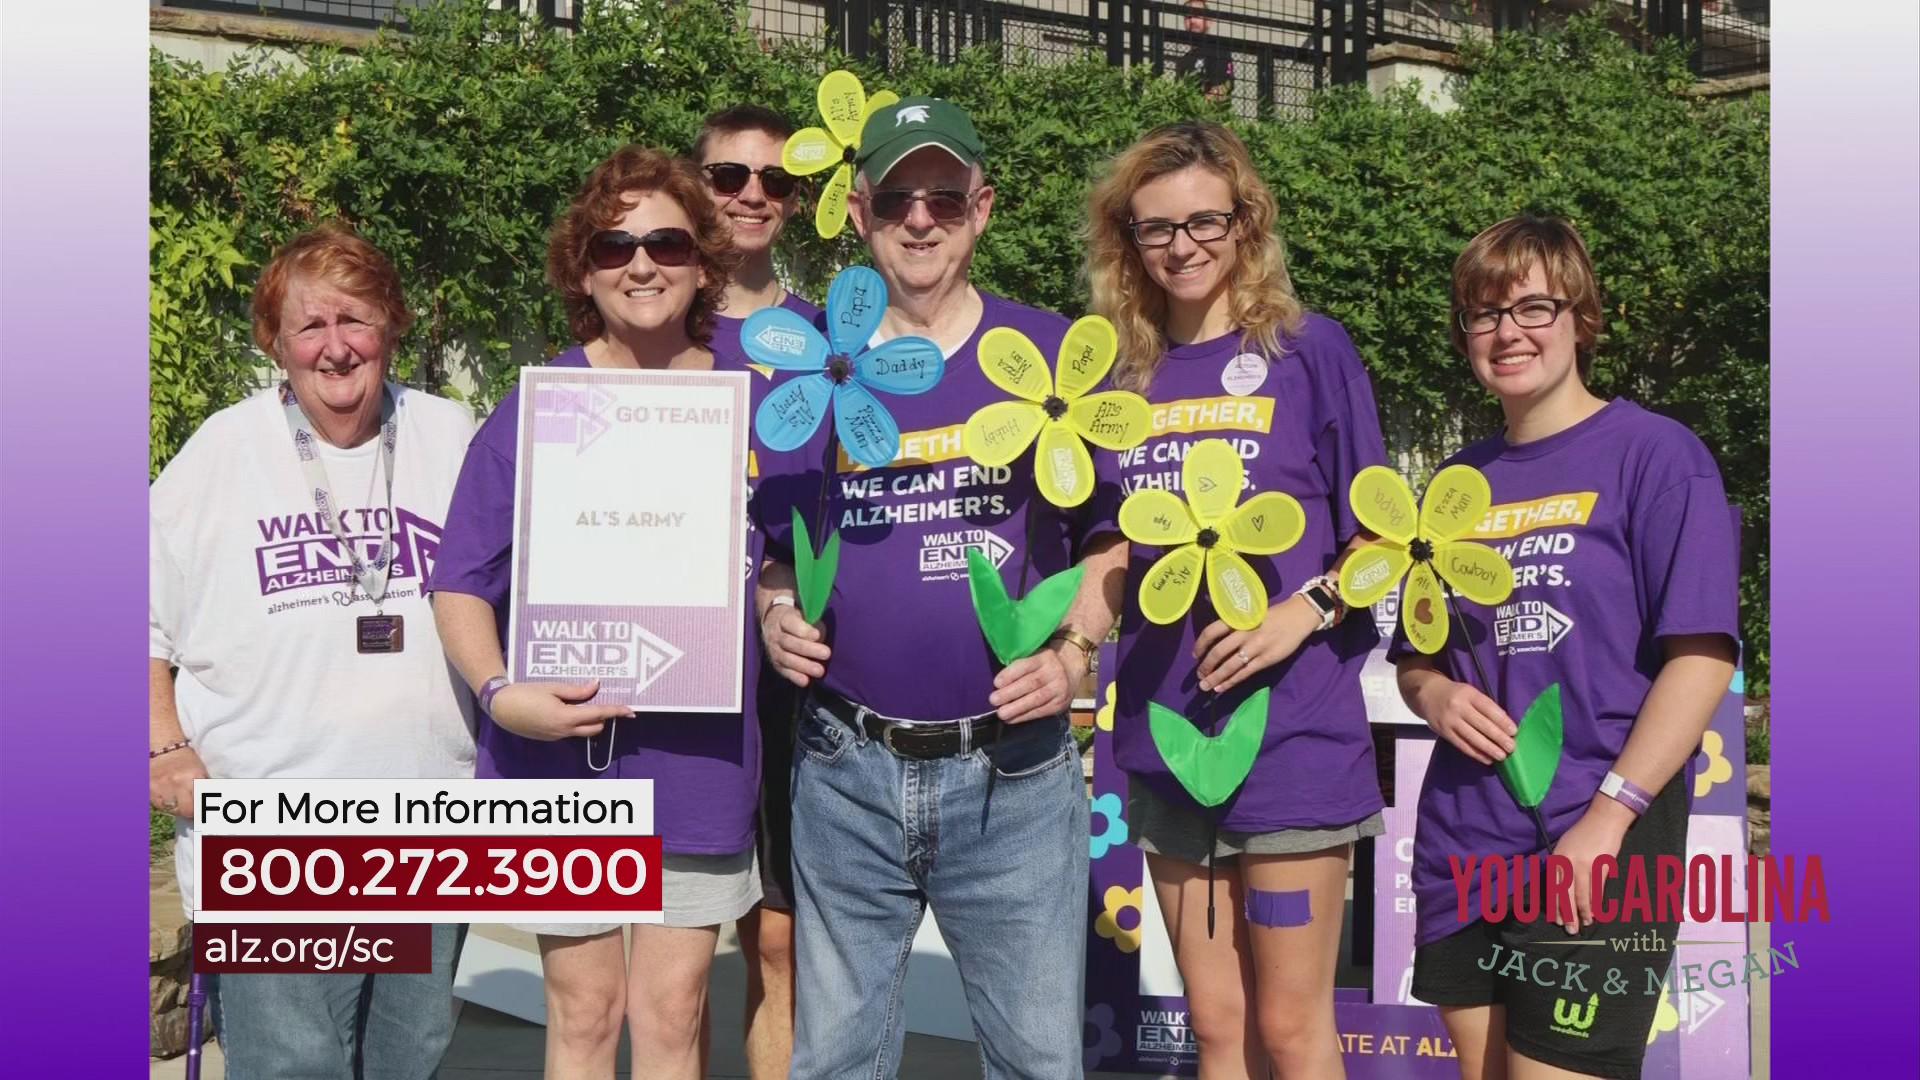 Fight Alzheimer's with the Alzheimer's Association